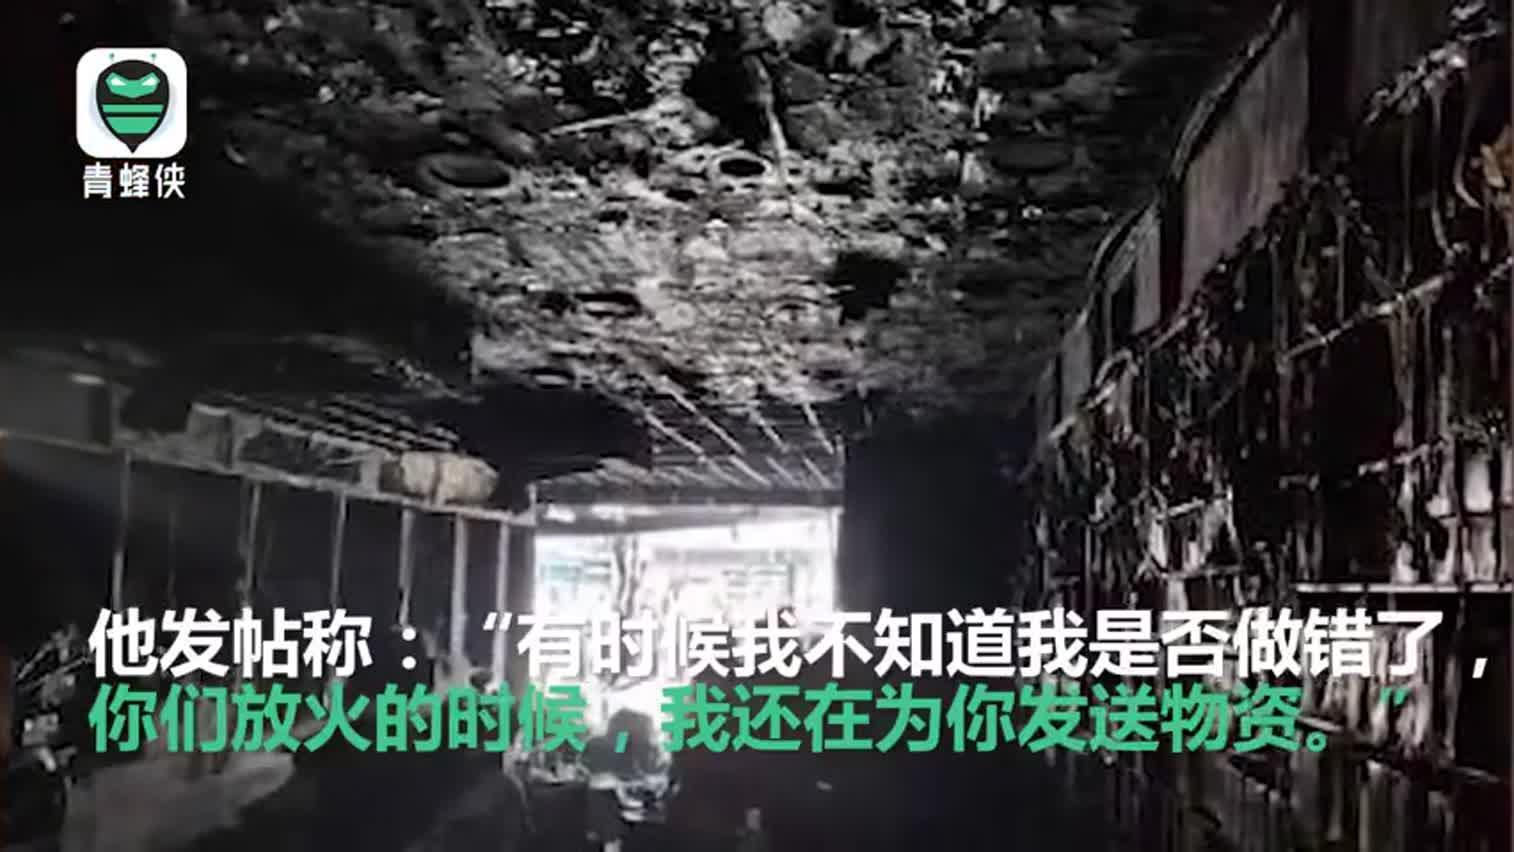 视频-店主为暴徒输送物资 暴徒一把火烧了他的店铺